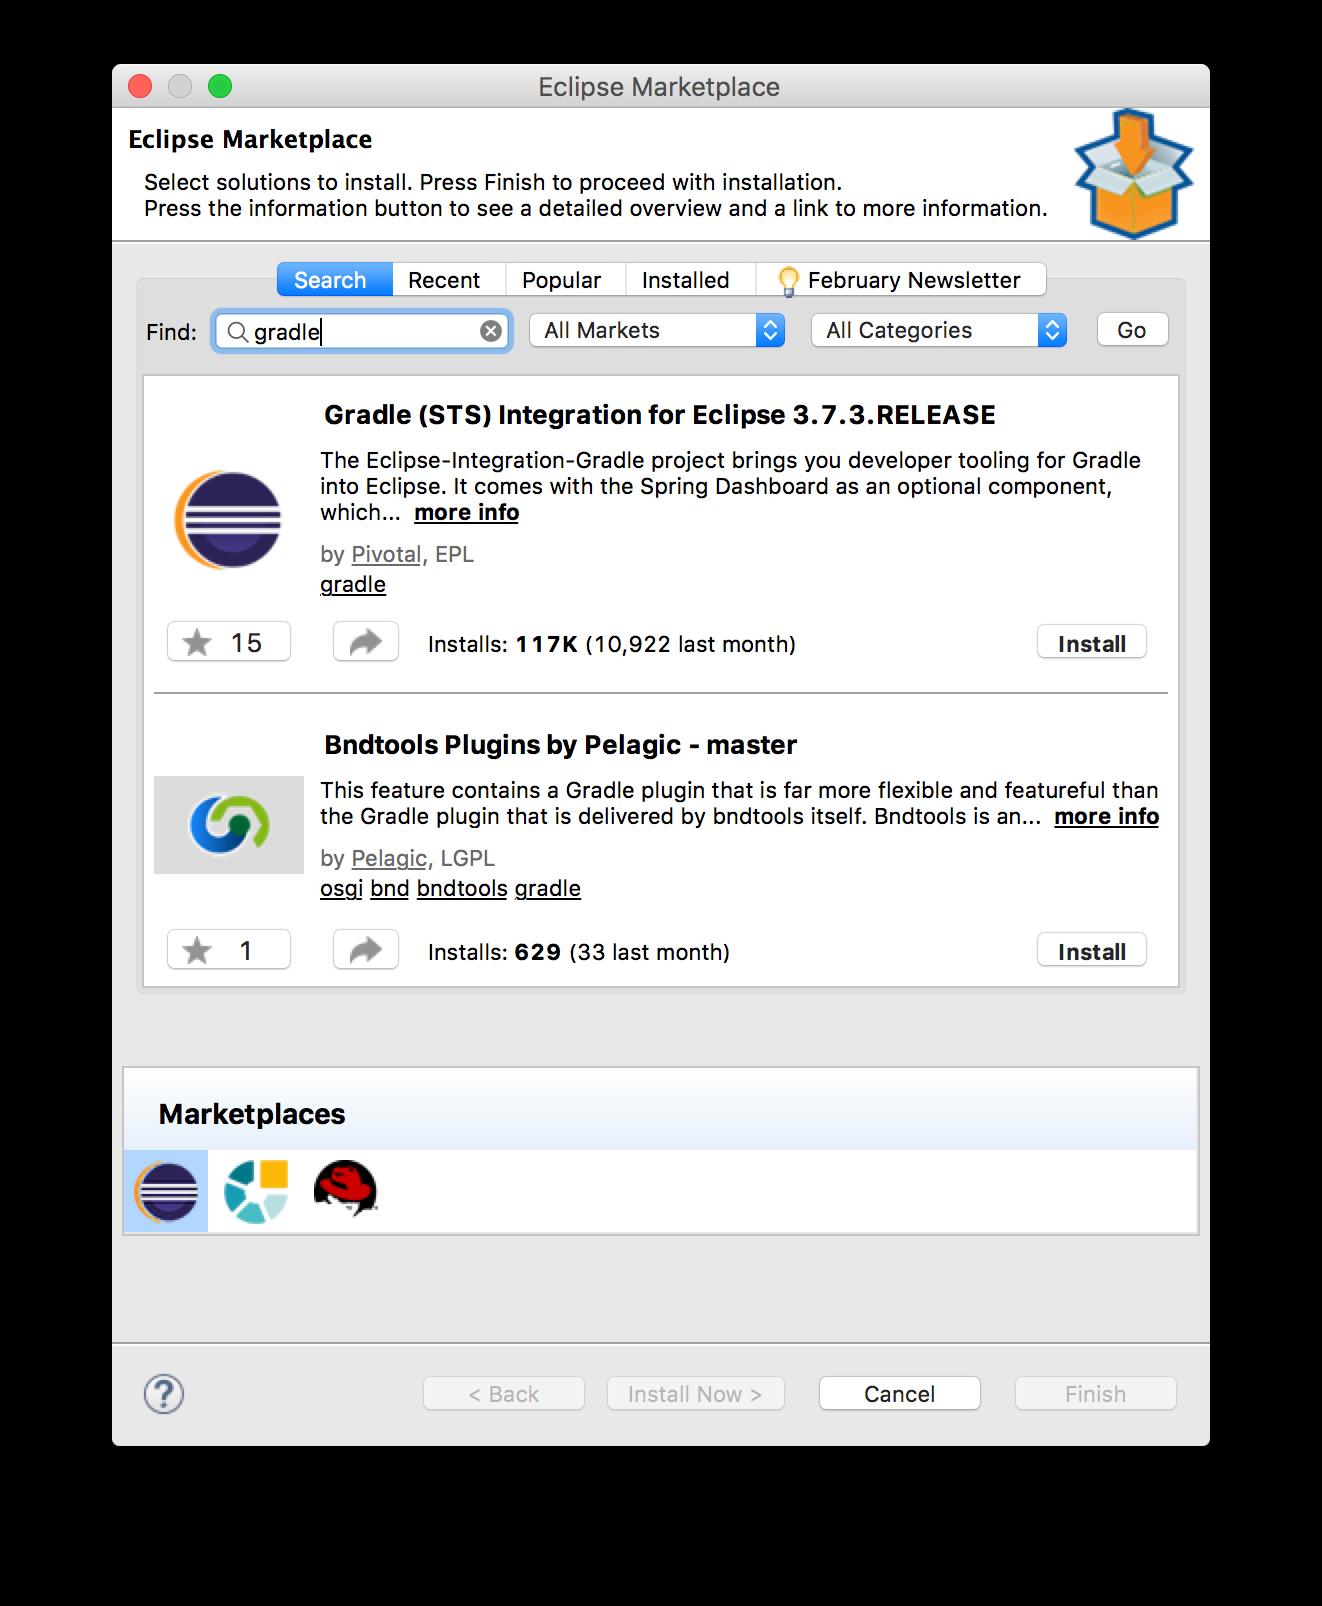 09_Gradle (STS) Integration for Eclipse.png